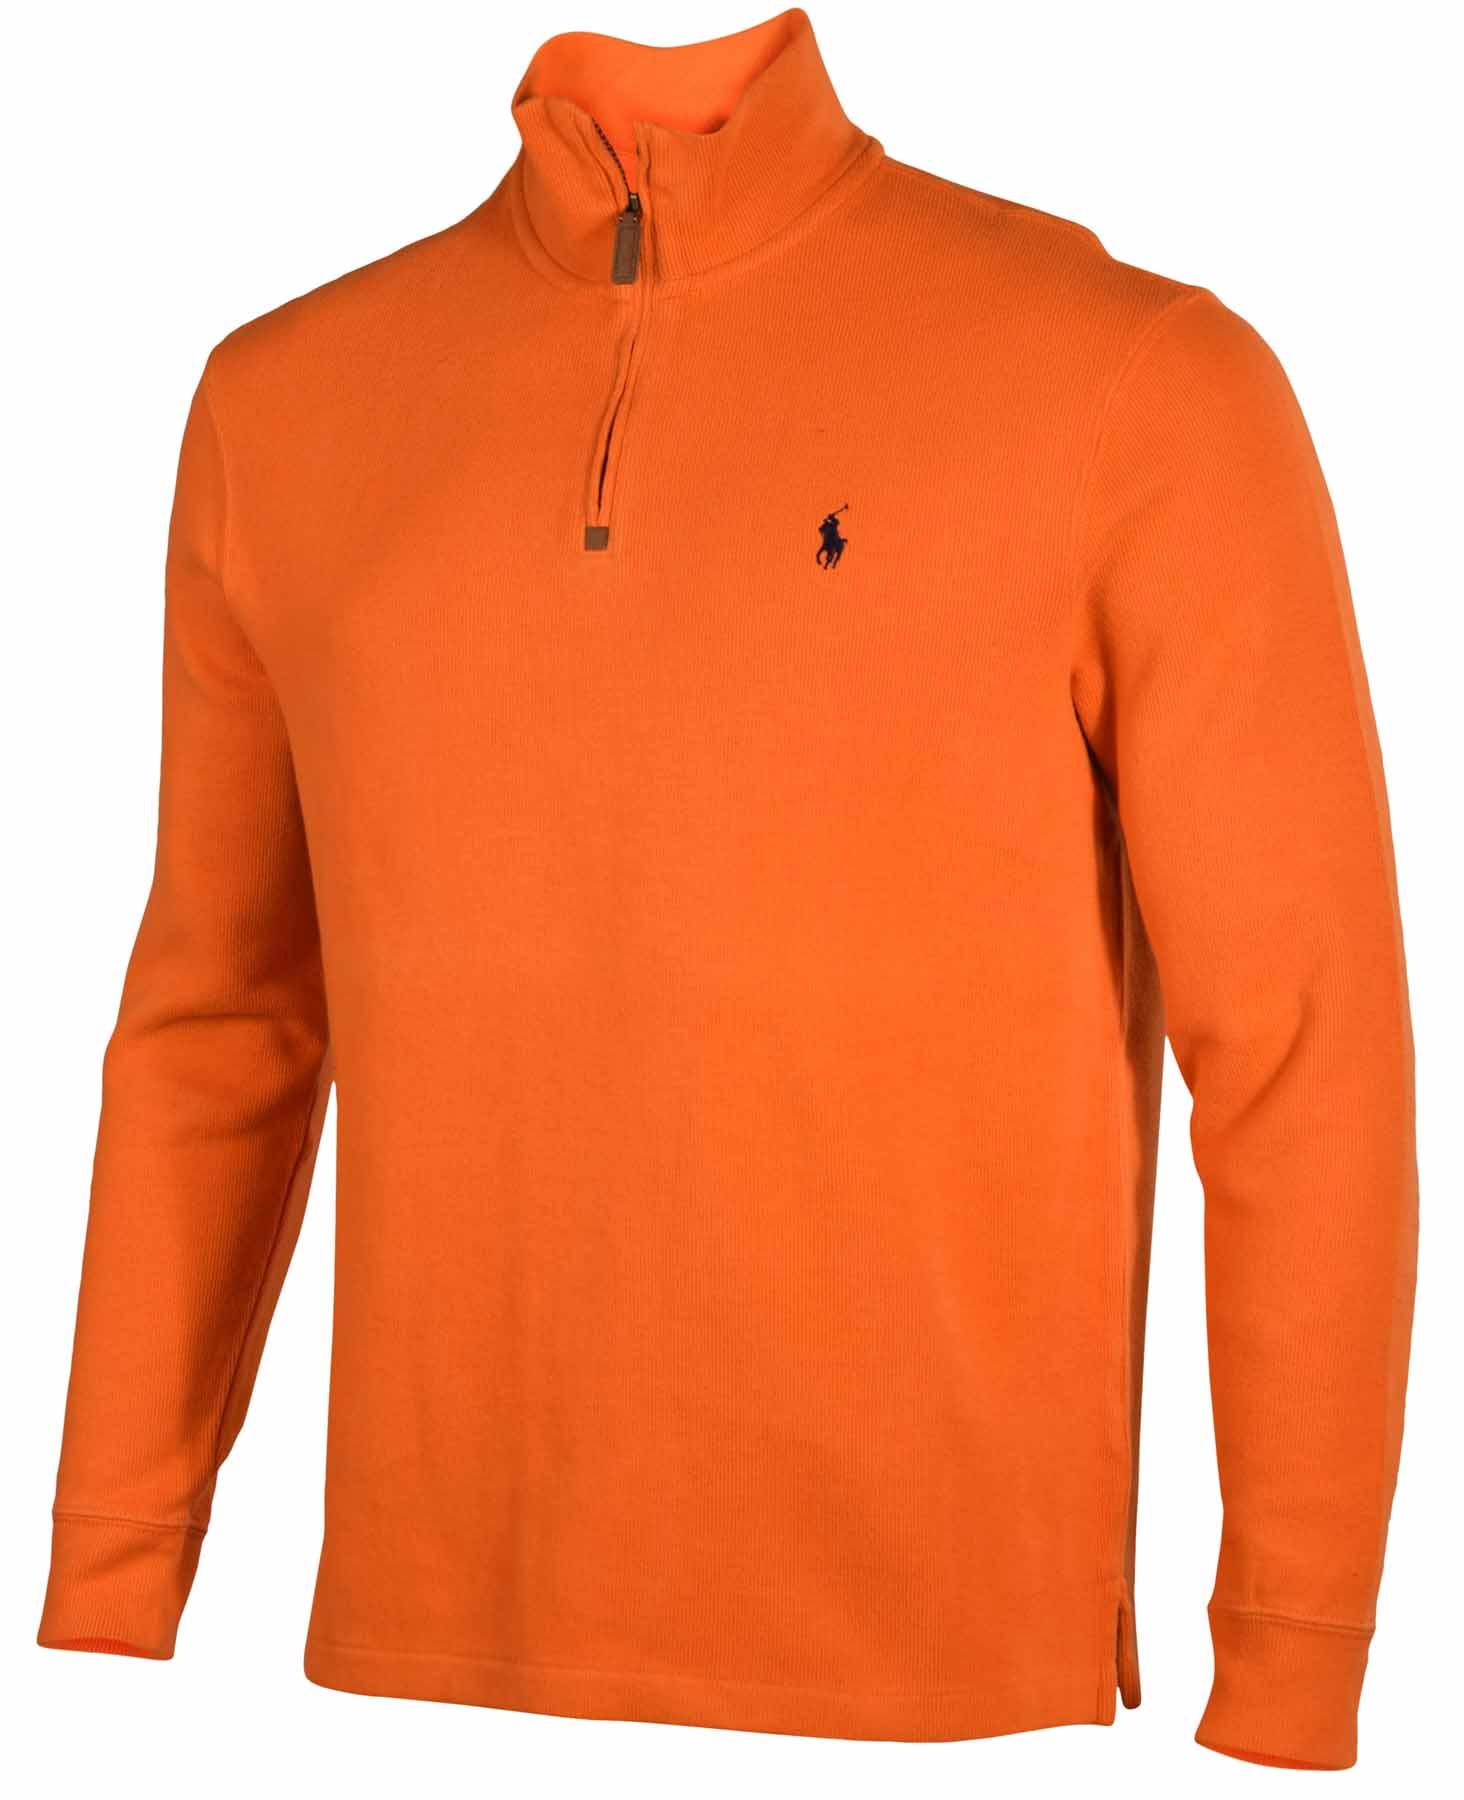 polo ralph lauren men 39 s 1 4 zip pullover sweater ebay. Black Bedroom Furniture Sets. Home Design Ideas